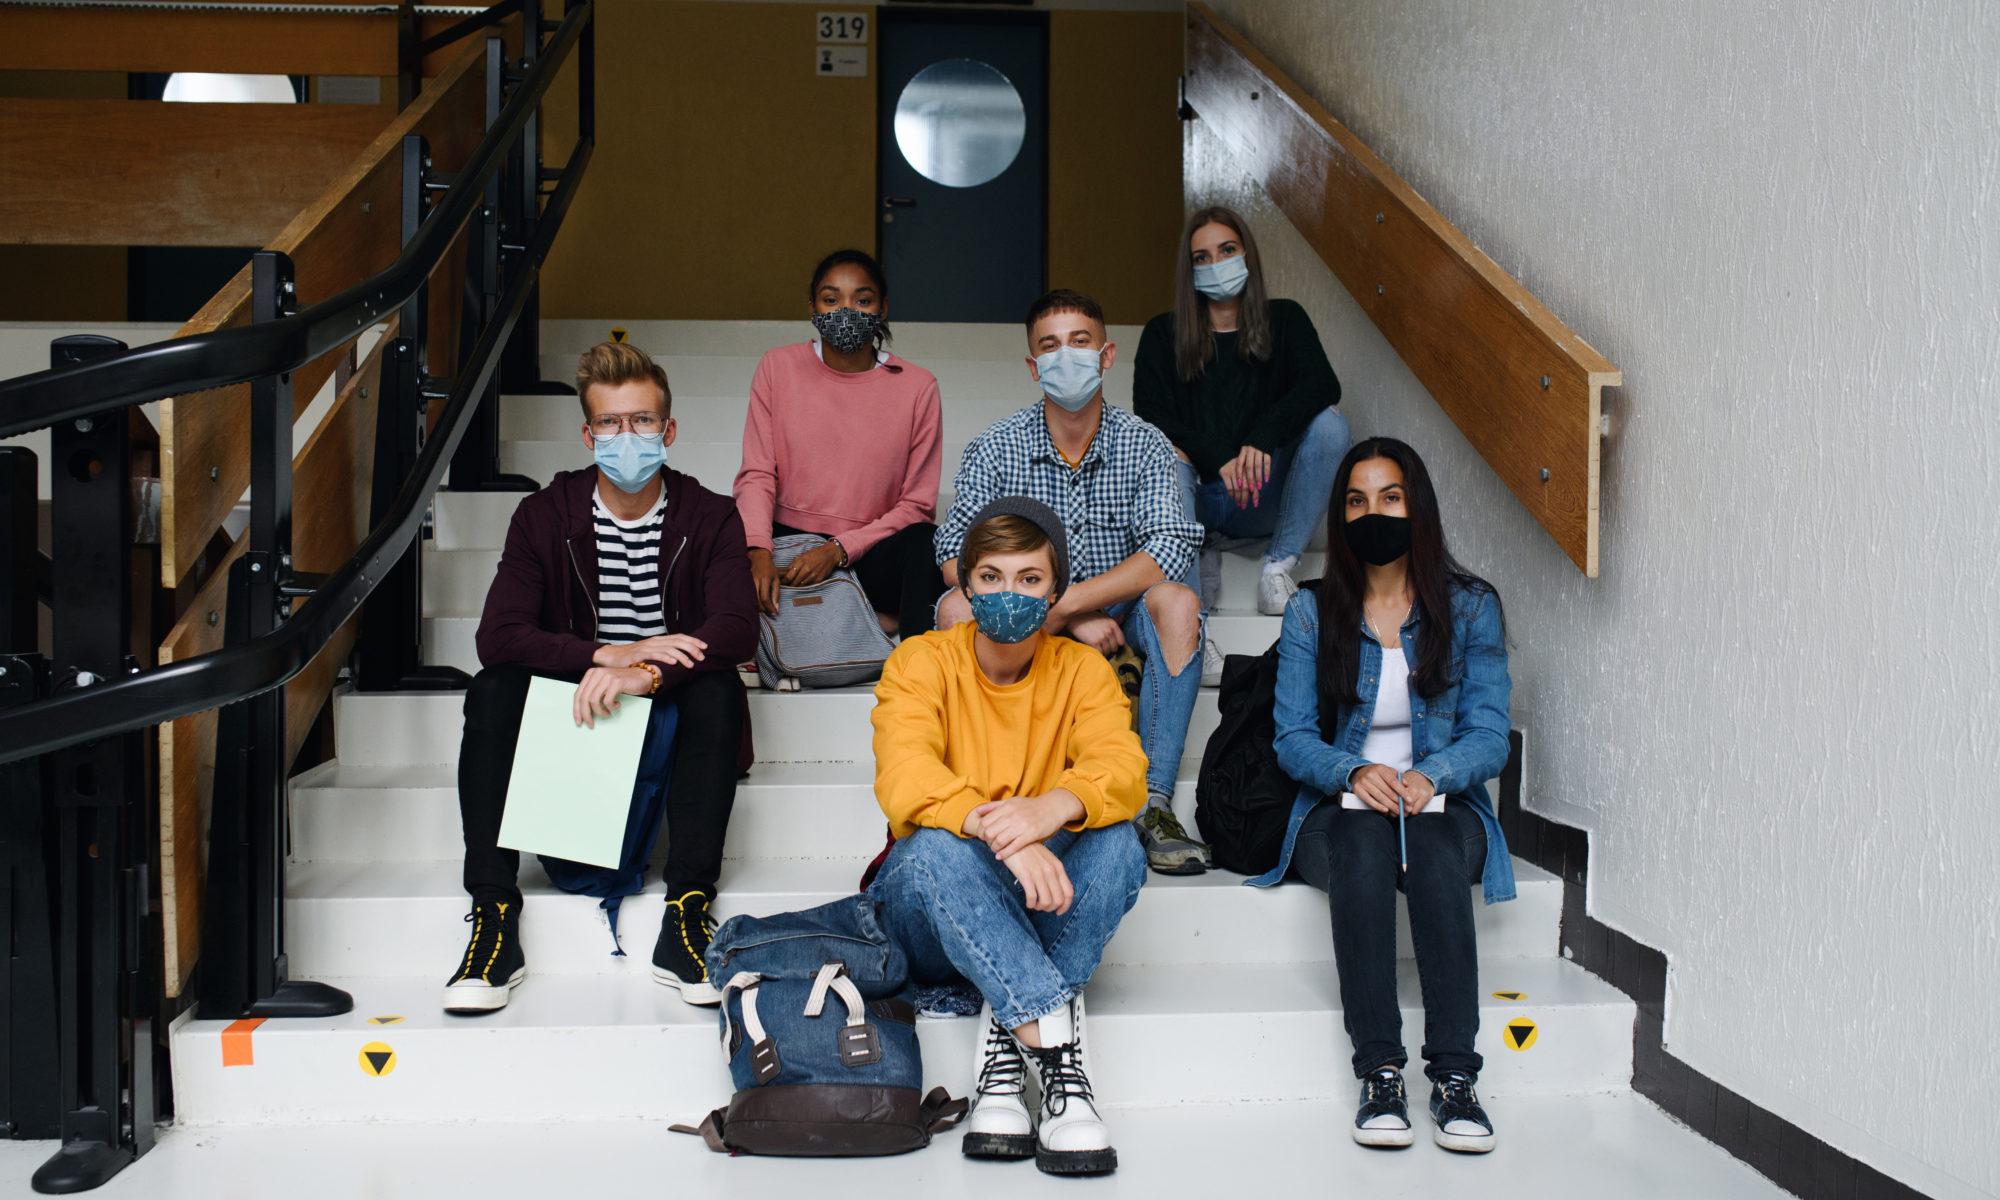 AdobeStock 388029150 2000x1200 - Studierende in der Corona-krise völlig allein gelassen